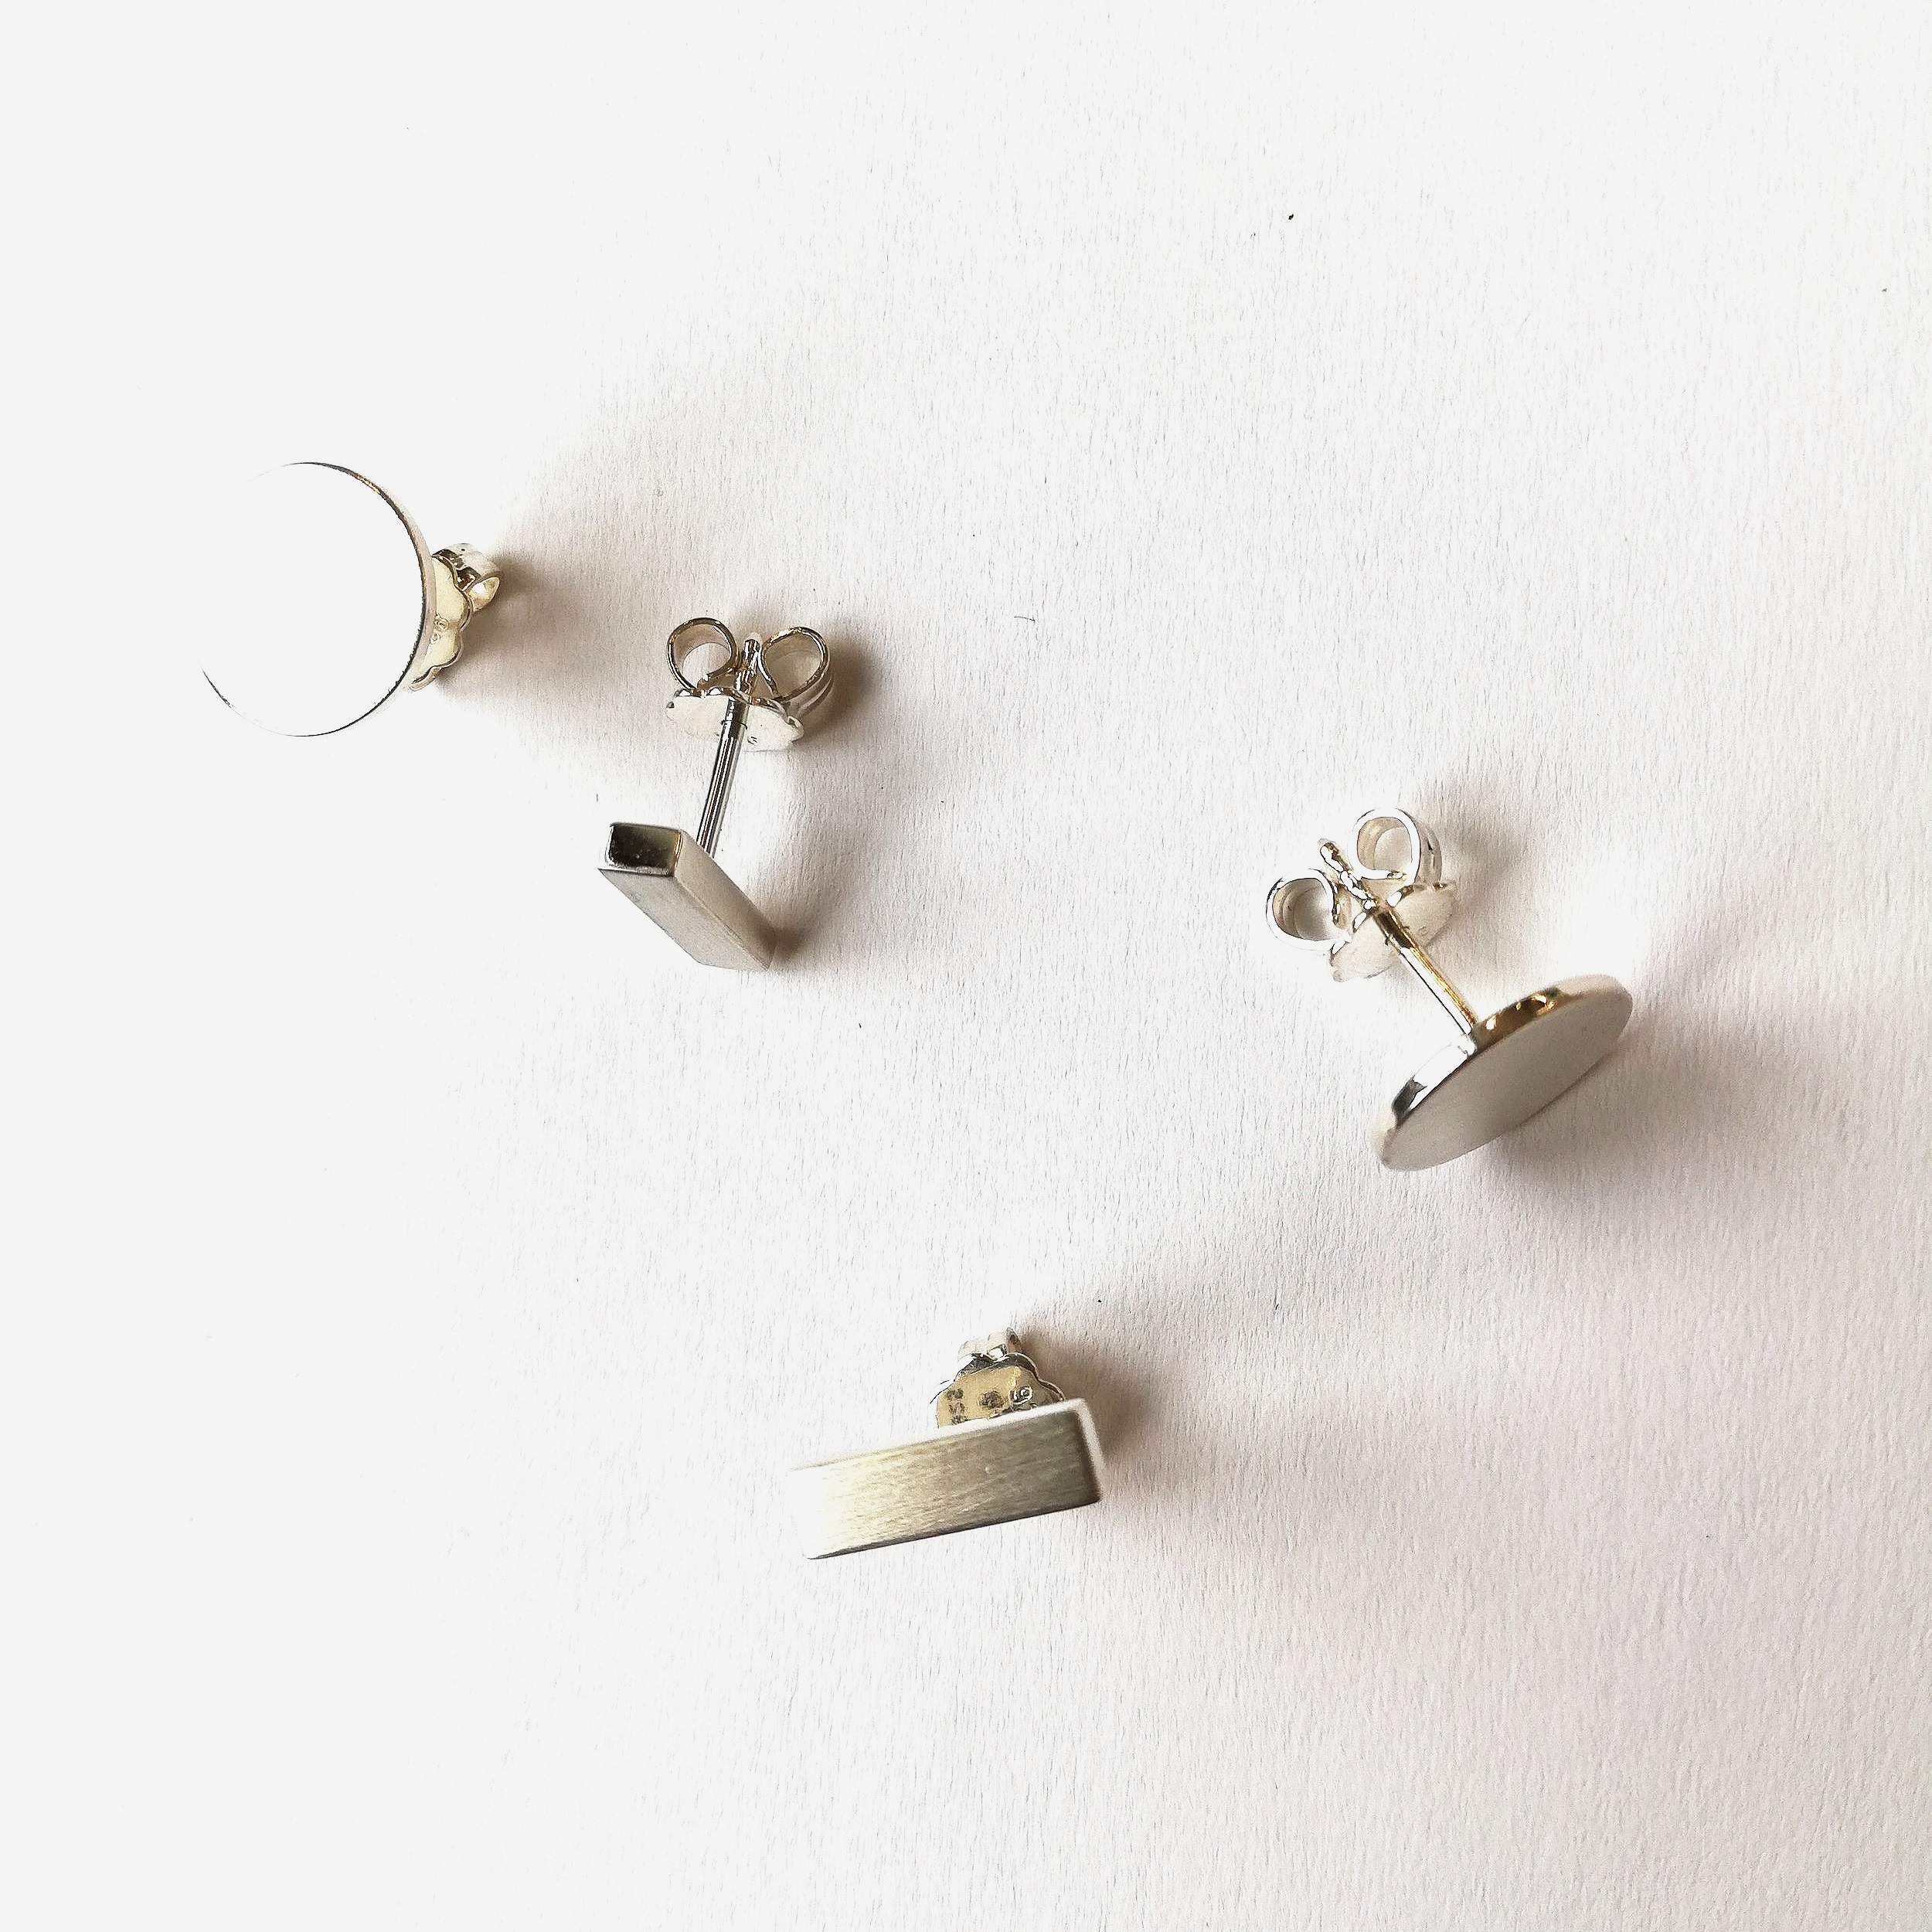 Ohrschmuck No.9 - Silber 925Rund: Fr. 65.00 / Lang: Fr. 85.00auch in anderen Metallen erhältlich,Preise variierend